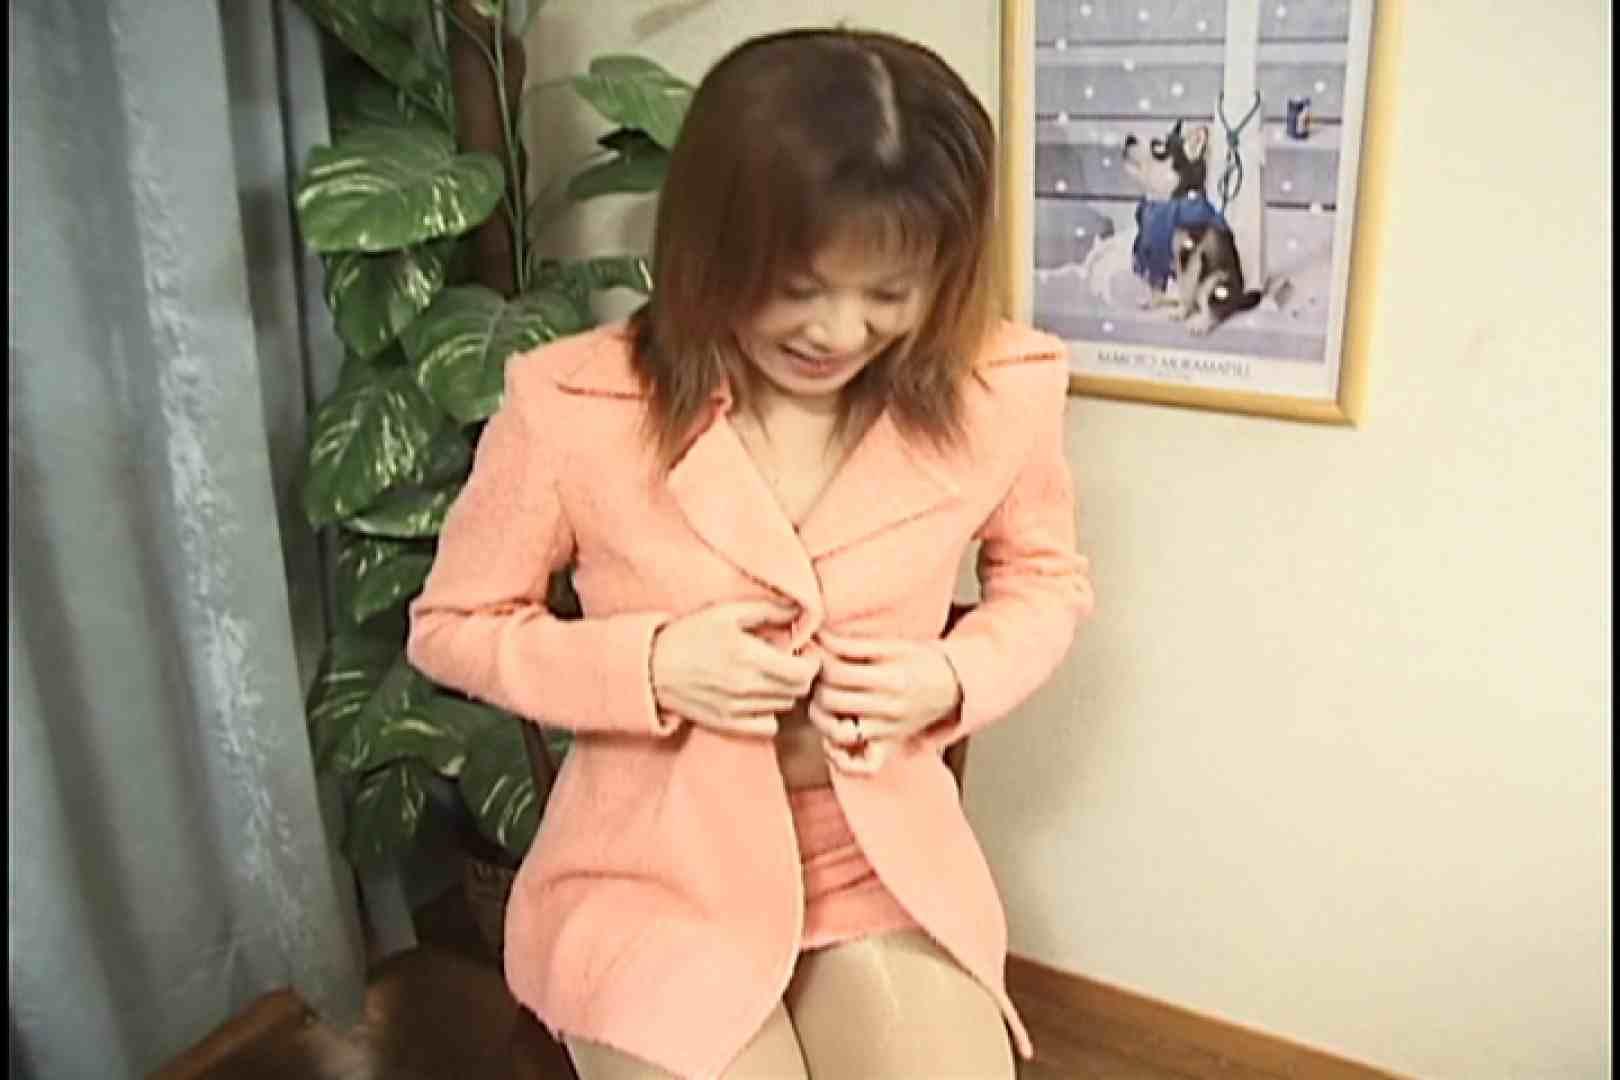 昼間の奥様は欲求不満 ~桜井昌子~ 熟女のエッチ  94pic 40